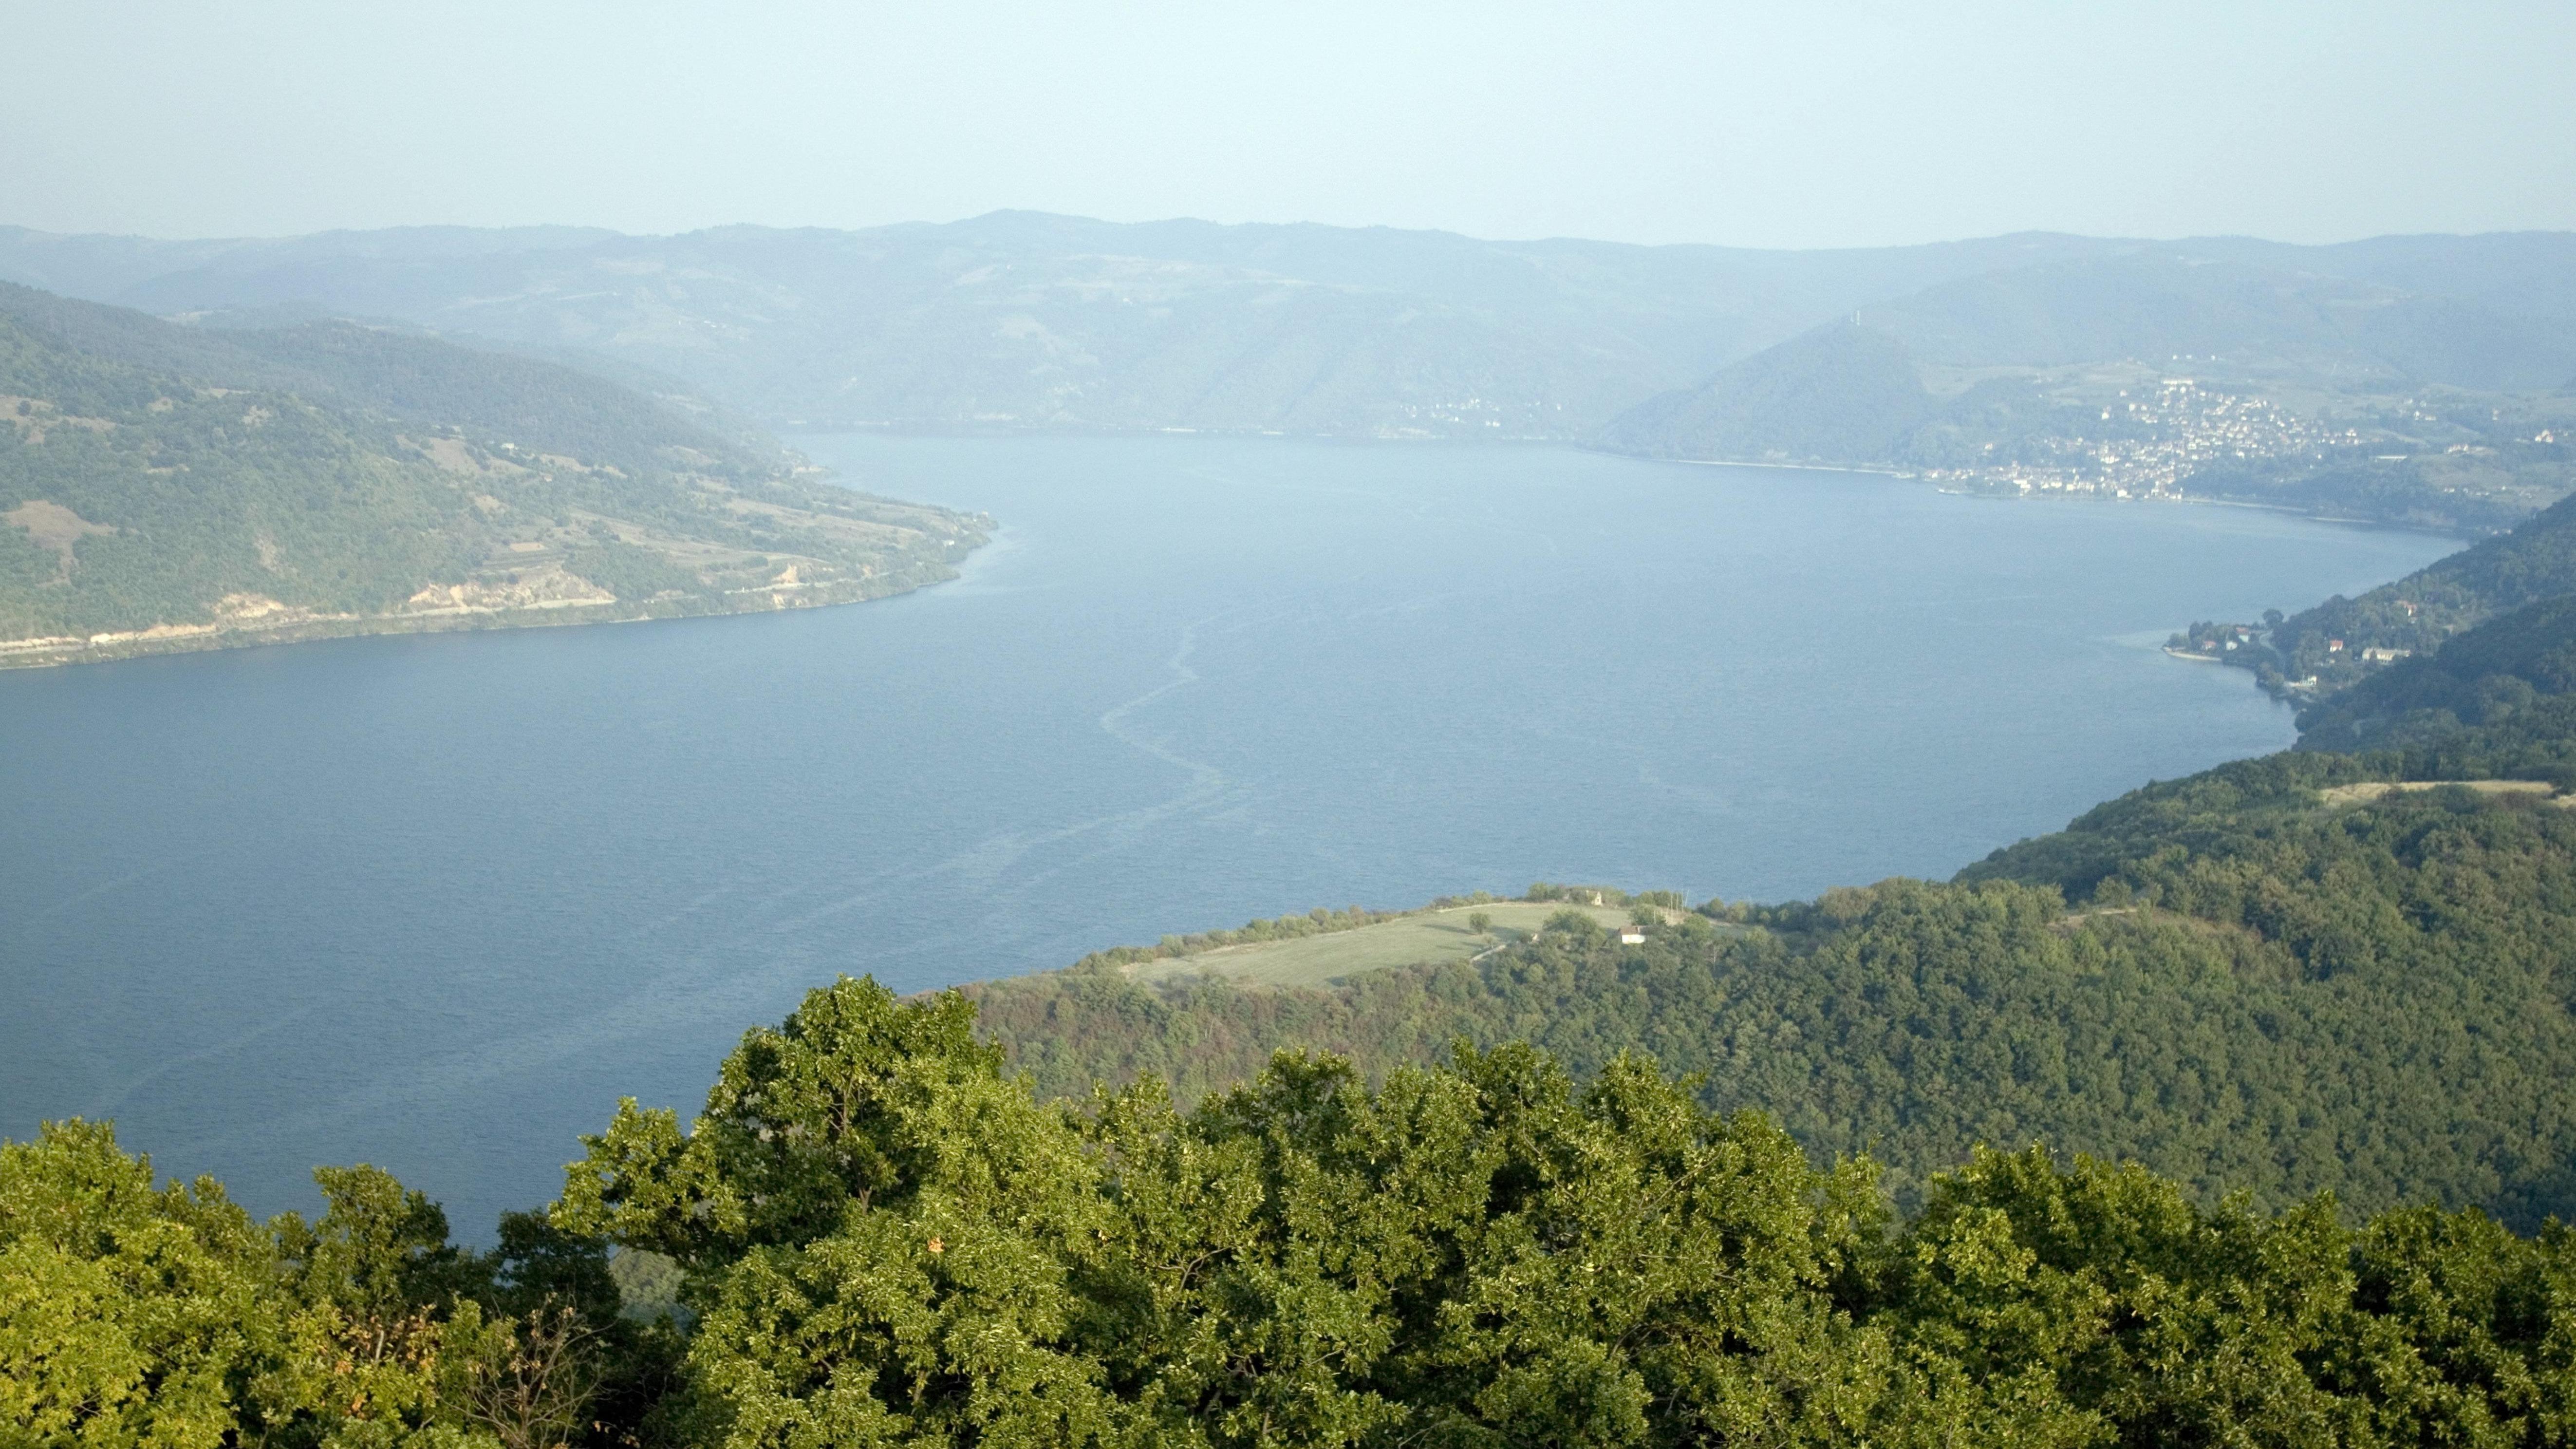 """Bild der Donau in Rumänien. Ein breiter, majestätischer Fluss. Harald Grill folgt der Donau und erzählt in seinem Buch """"Hinter drei Sonnenaufgängen"""" von seiner Reise."""